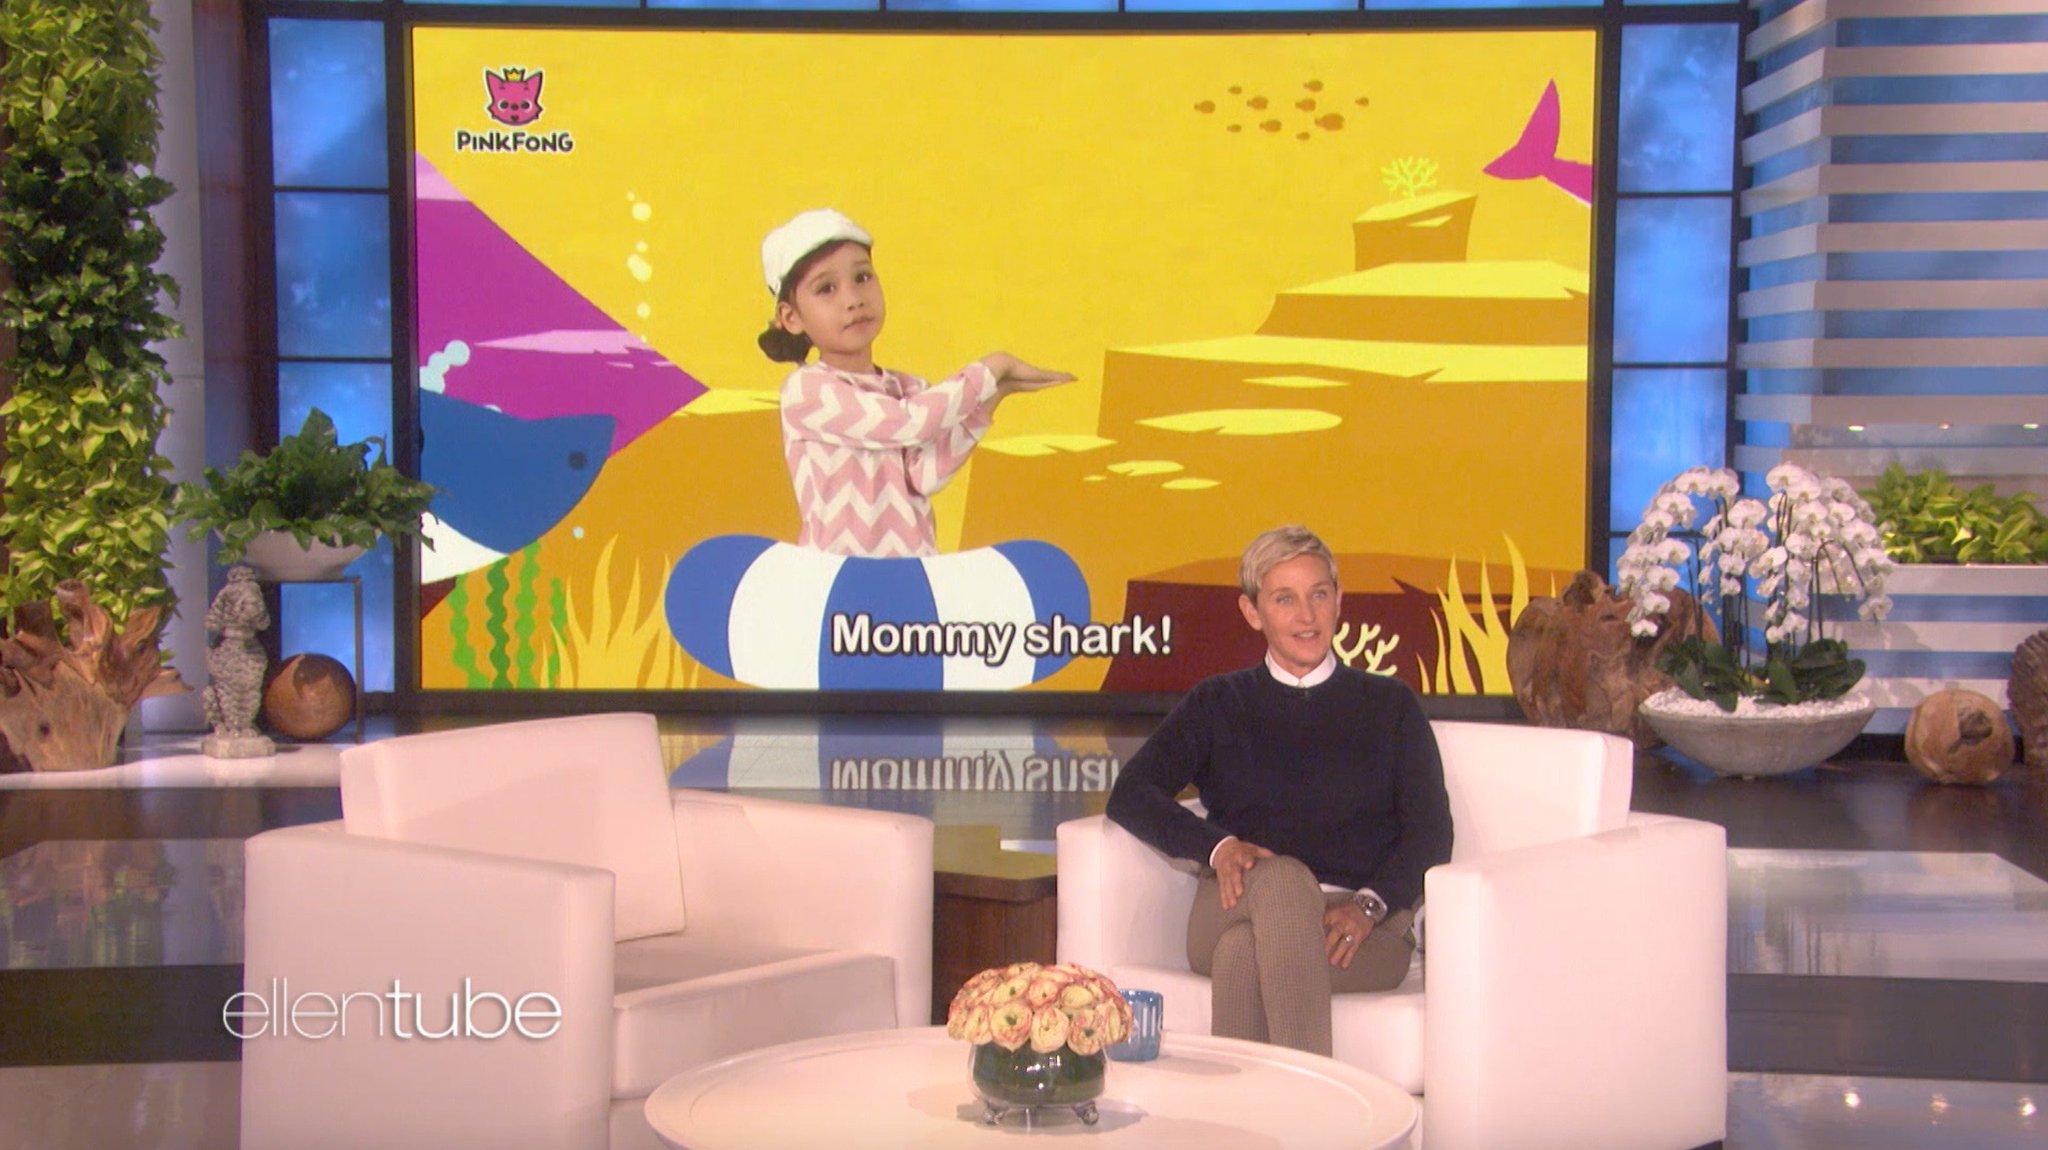 Baby Shark do do do do do. Ellen Show do do do do do. https://t.co/P5NAQtb29s